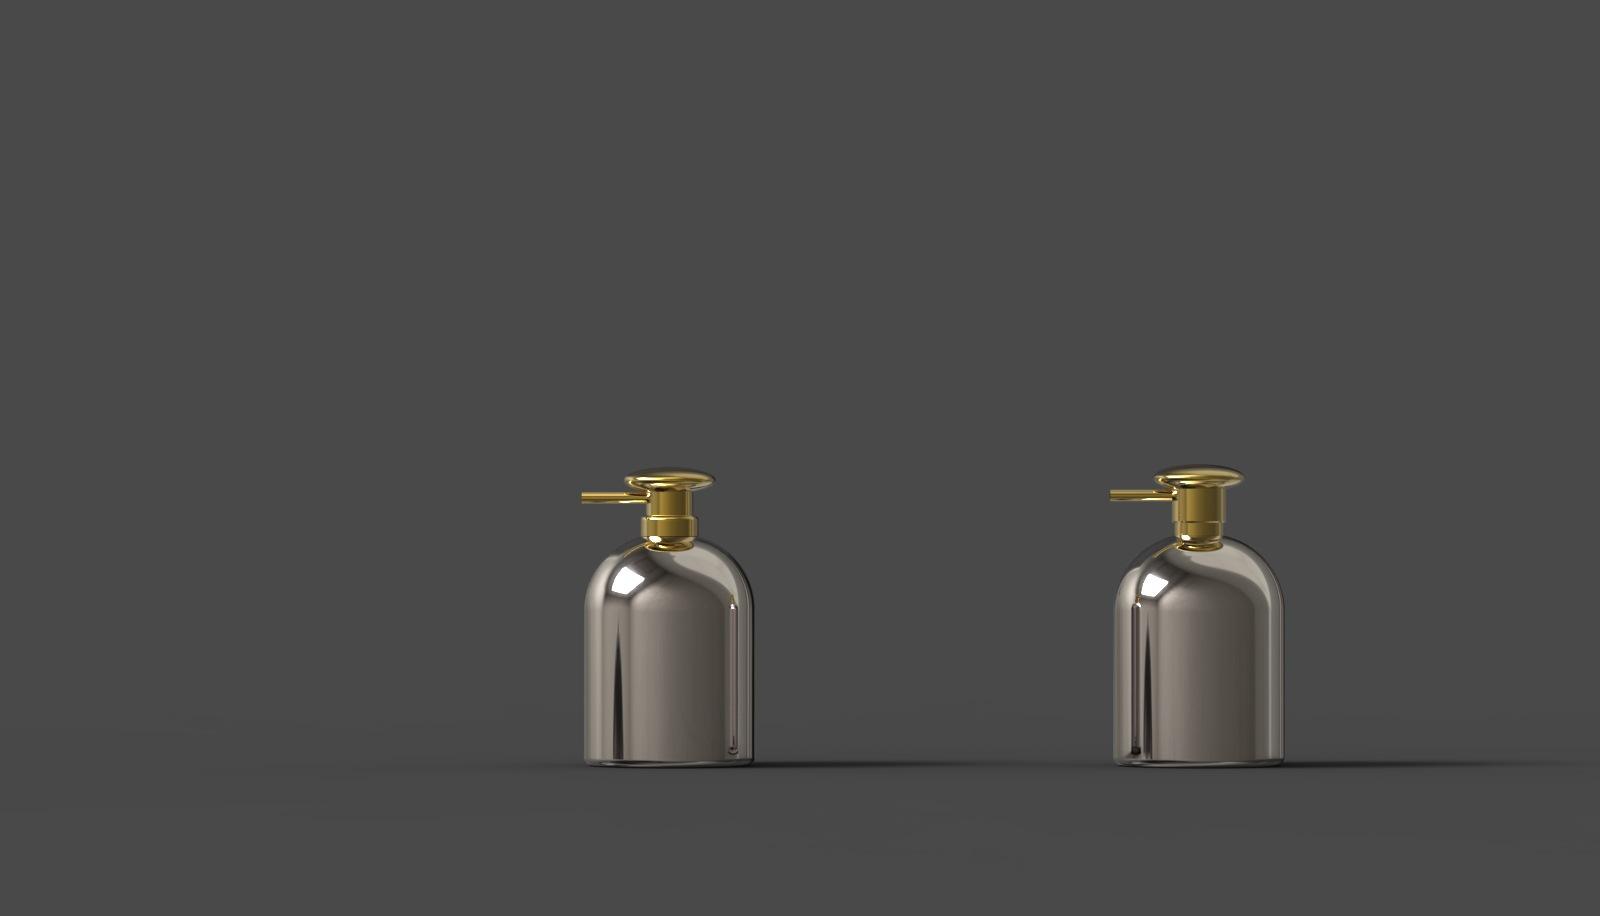 不锈钢洗手液瓶 按压式瓶子 香水瓶  高端定制礼品 源头工厂